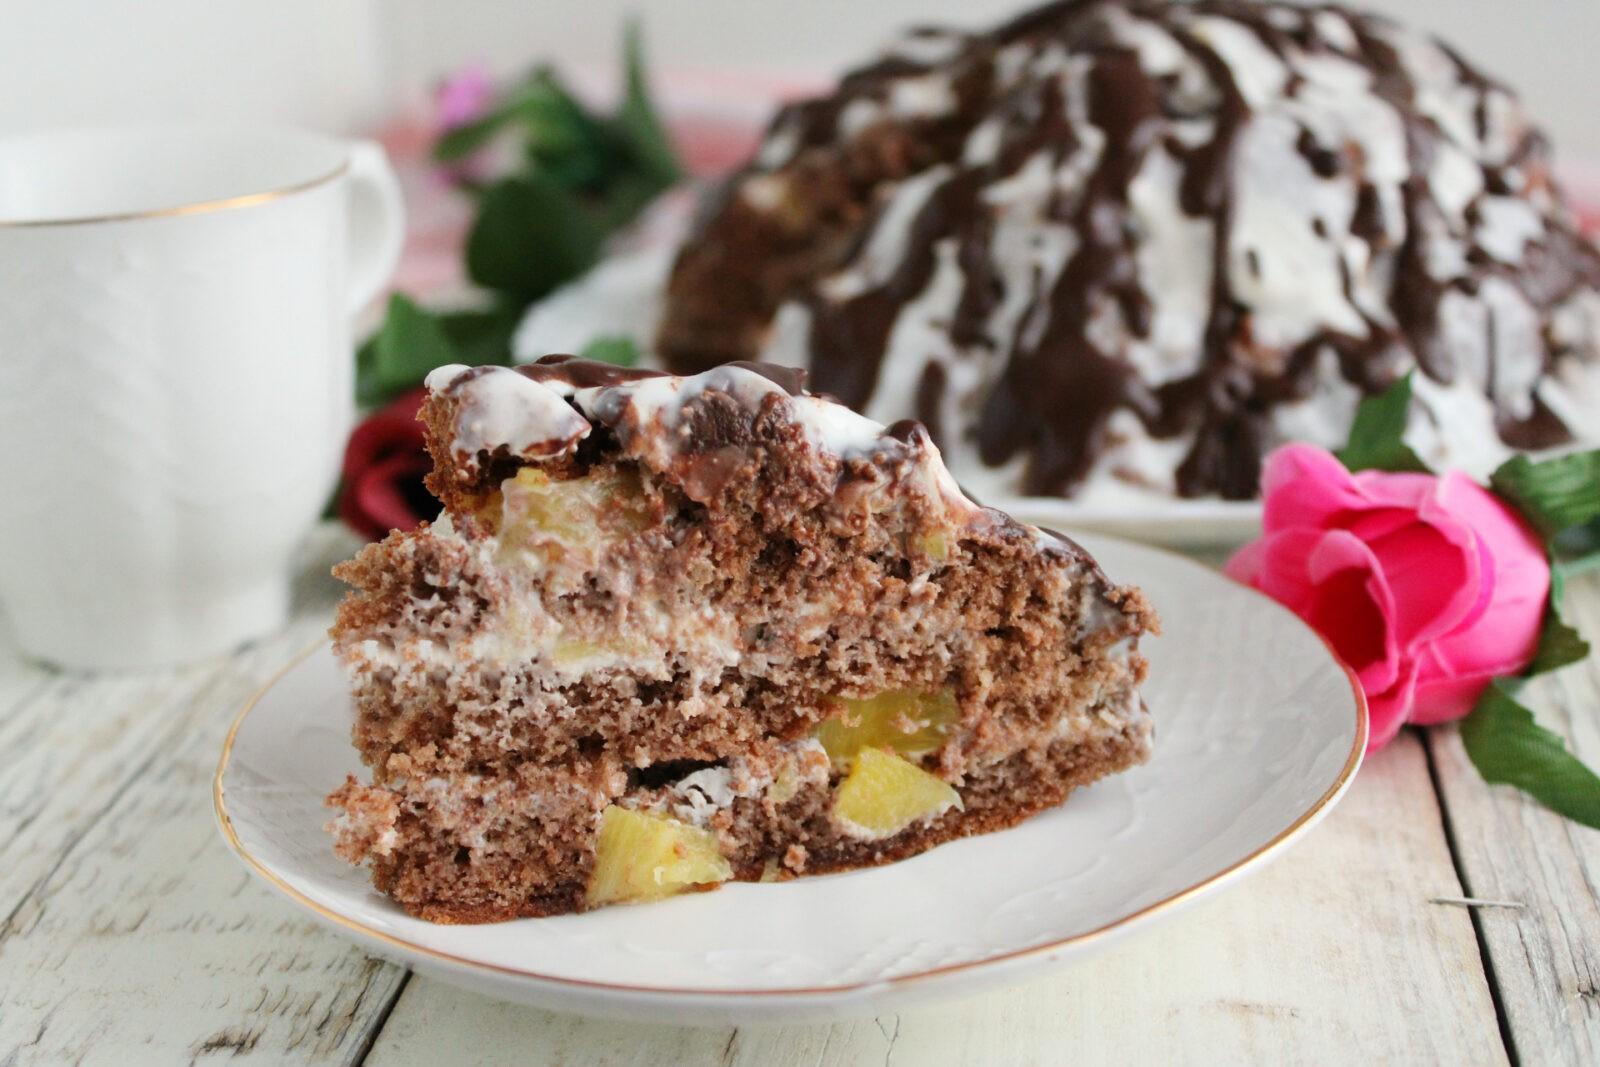 Бисквитный шоколадный торт со сметанным кремом и ананасами